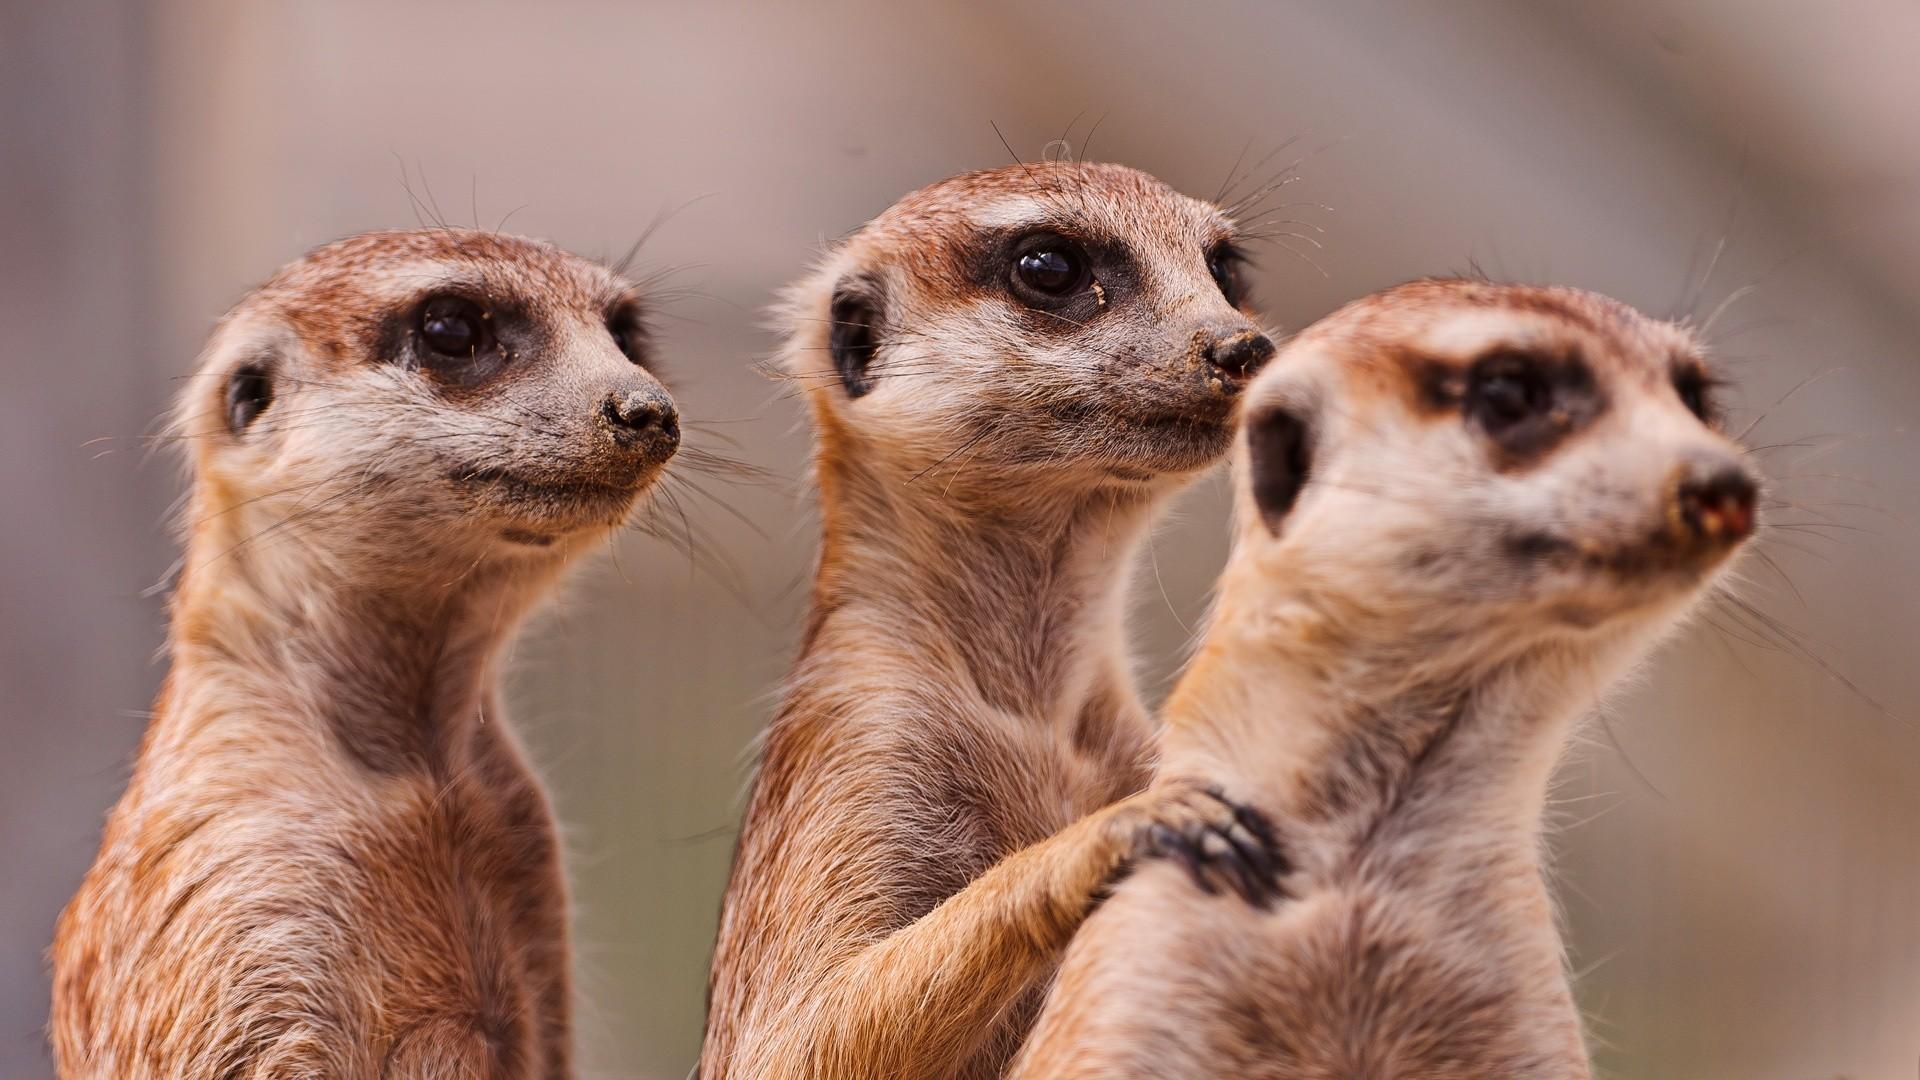 images of meerkats